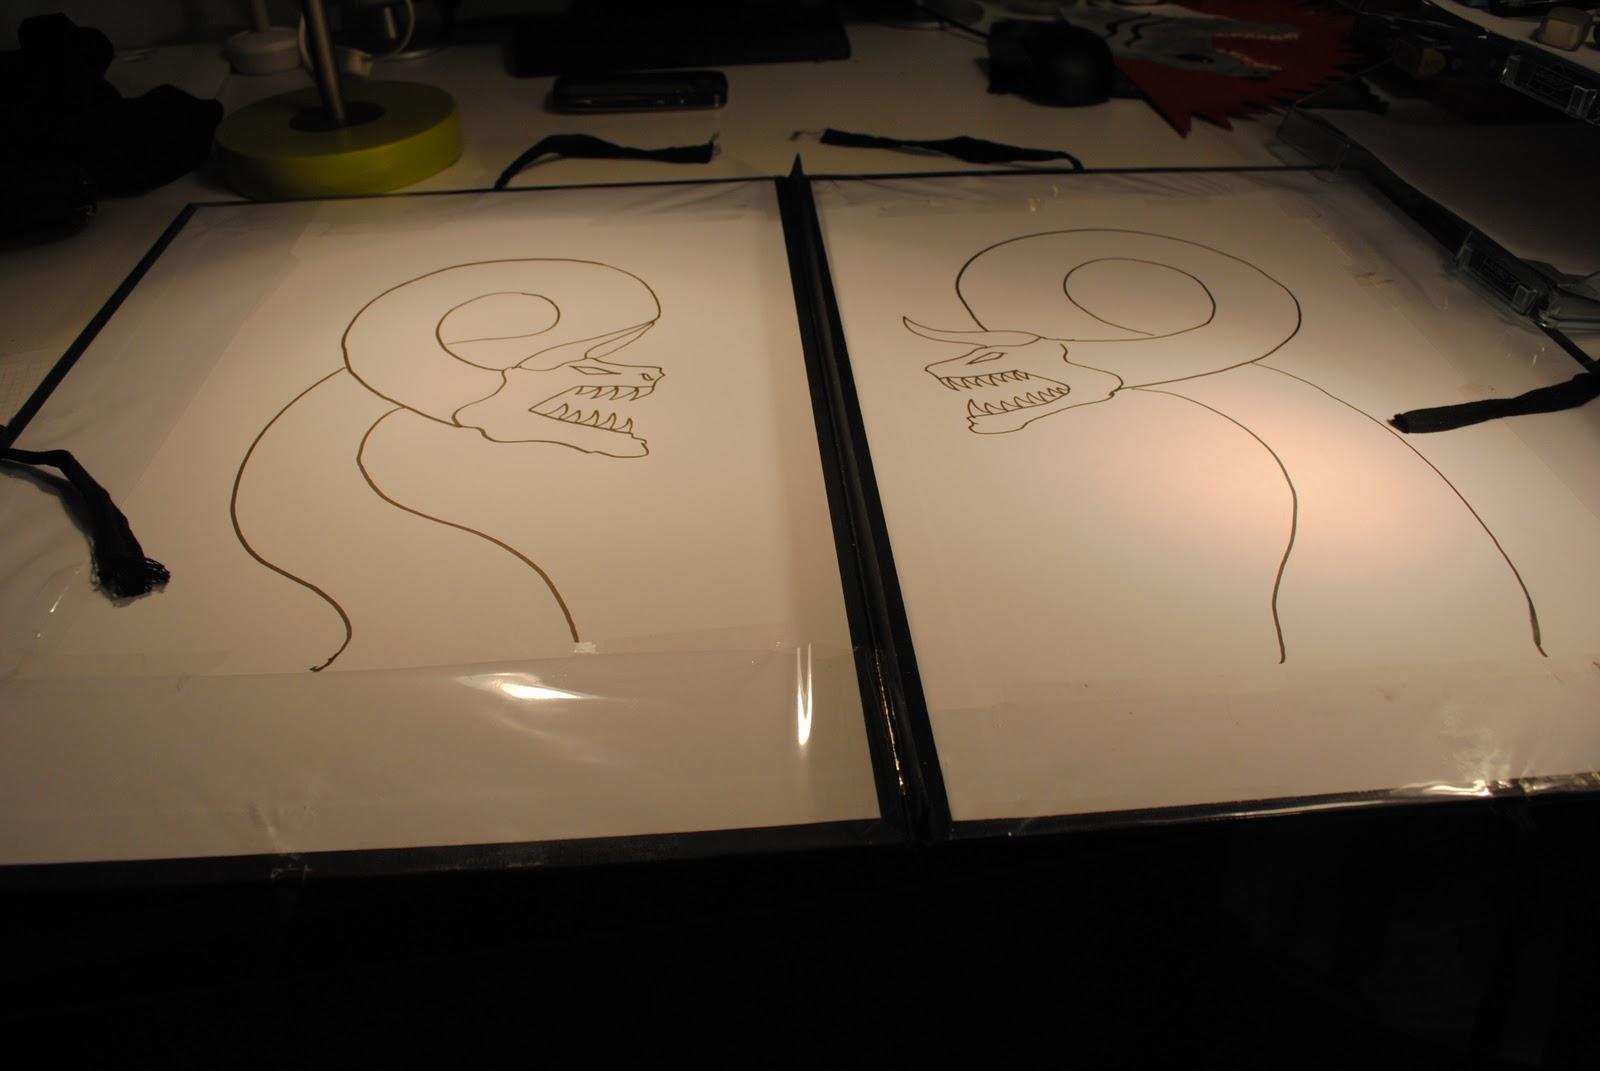 Posteen sus dibujos! (Solo hechos a mano >.<) - Página 3 DSC_0129